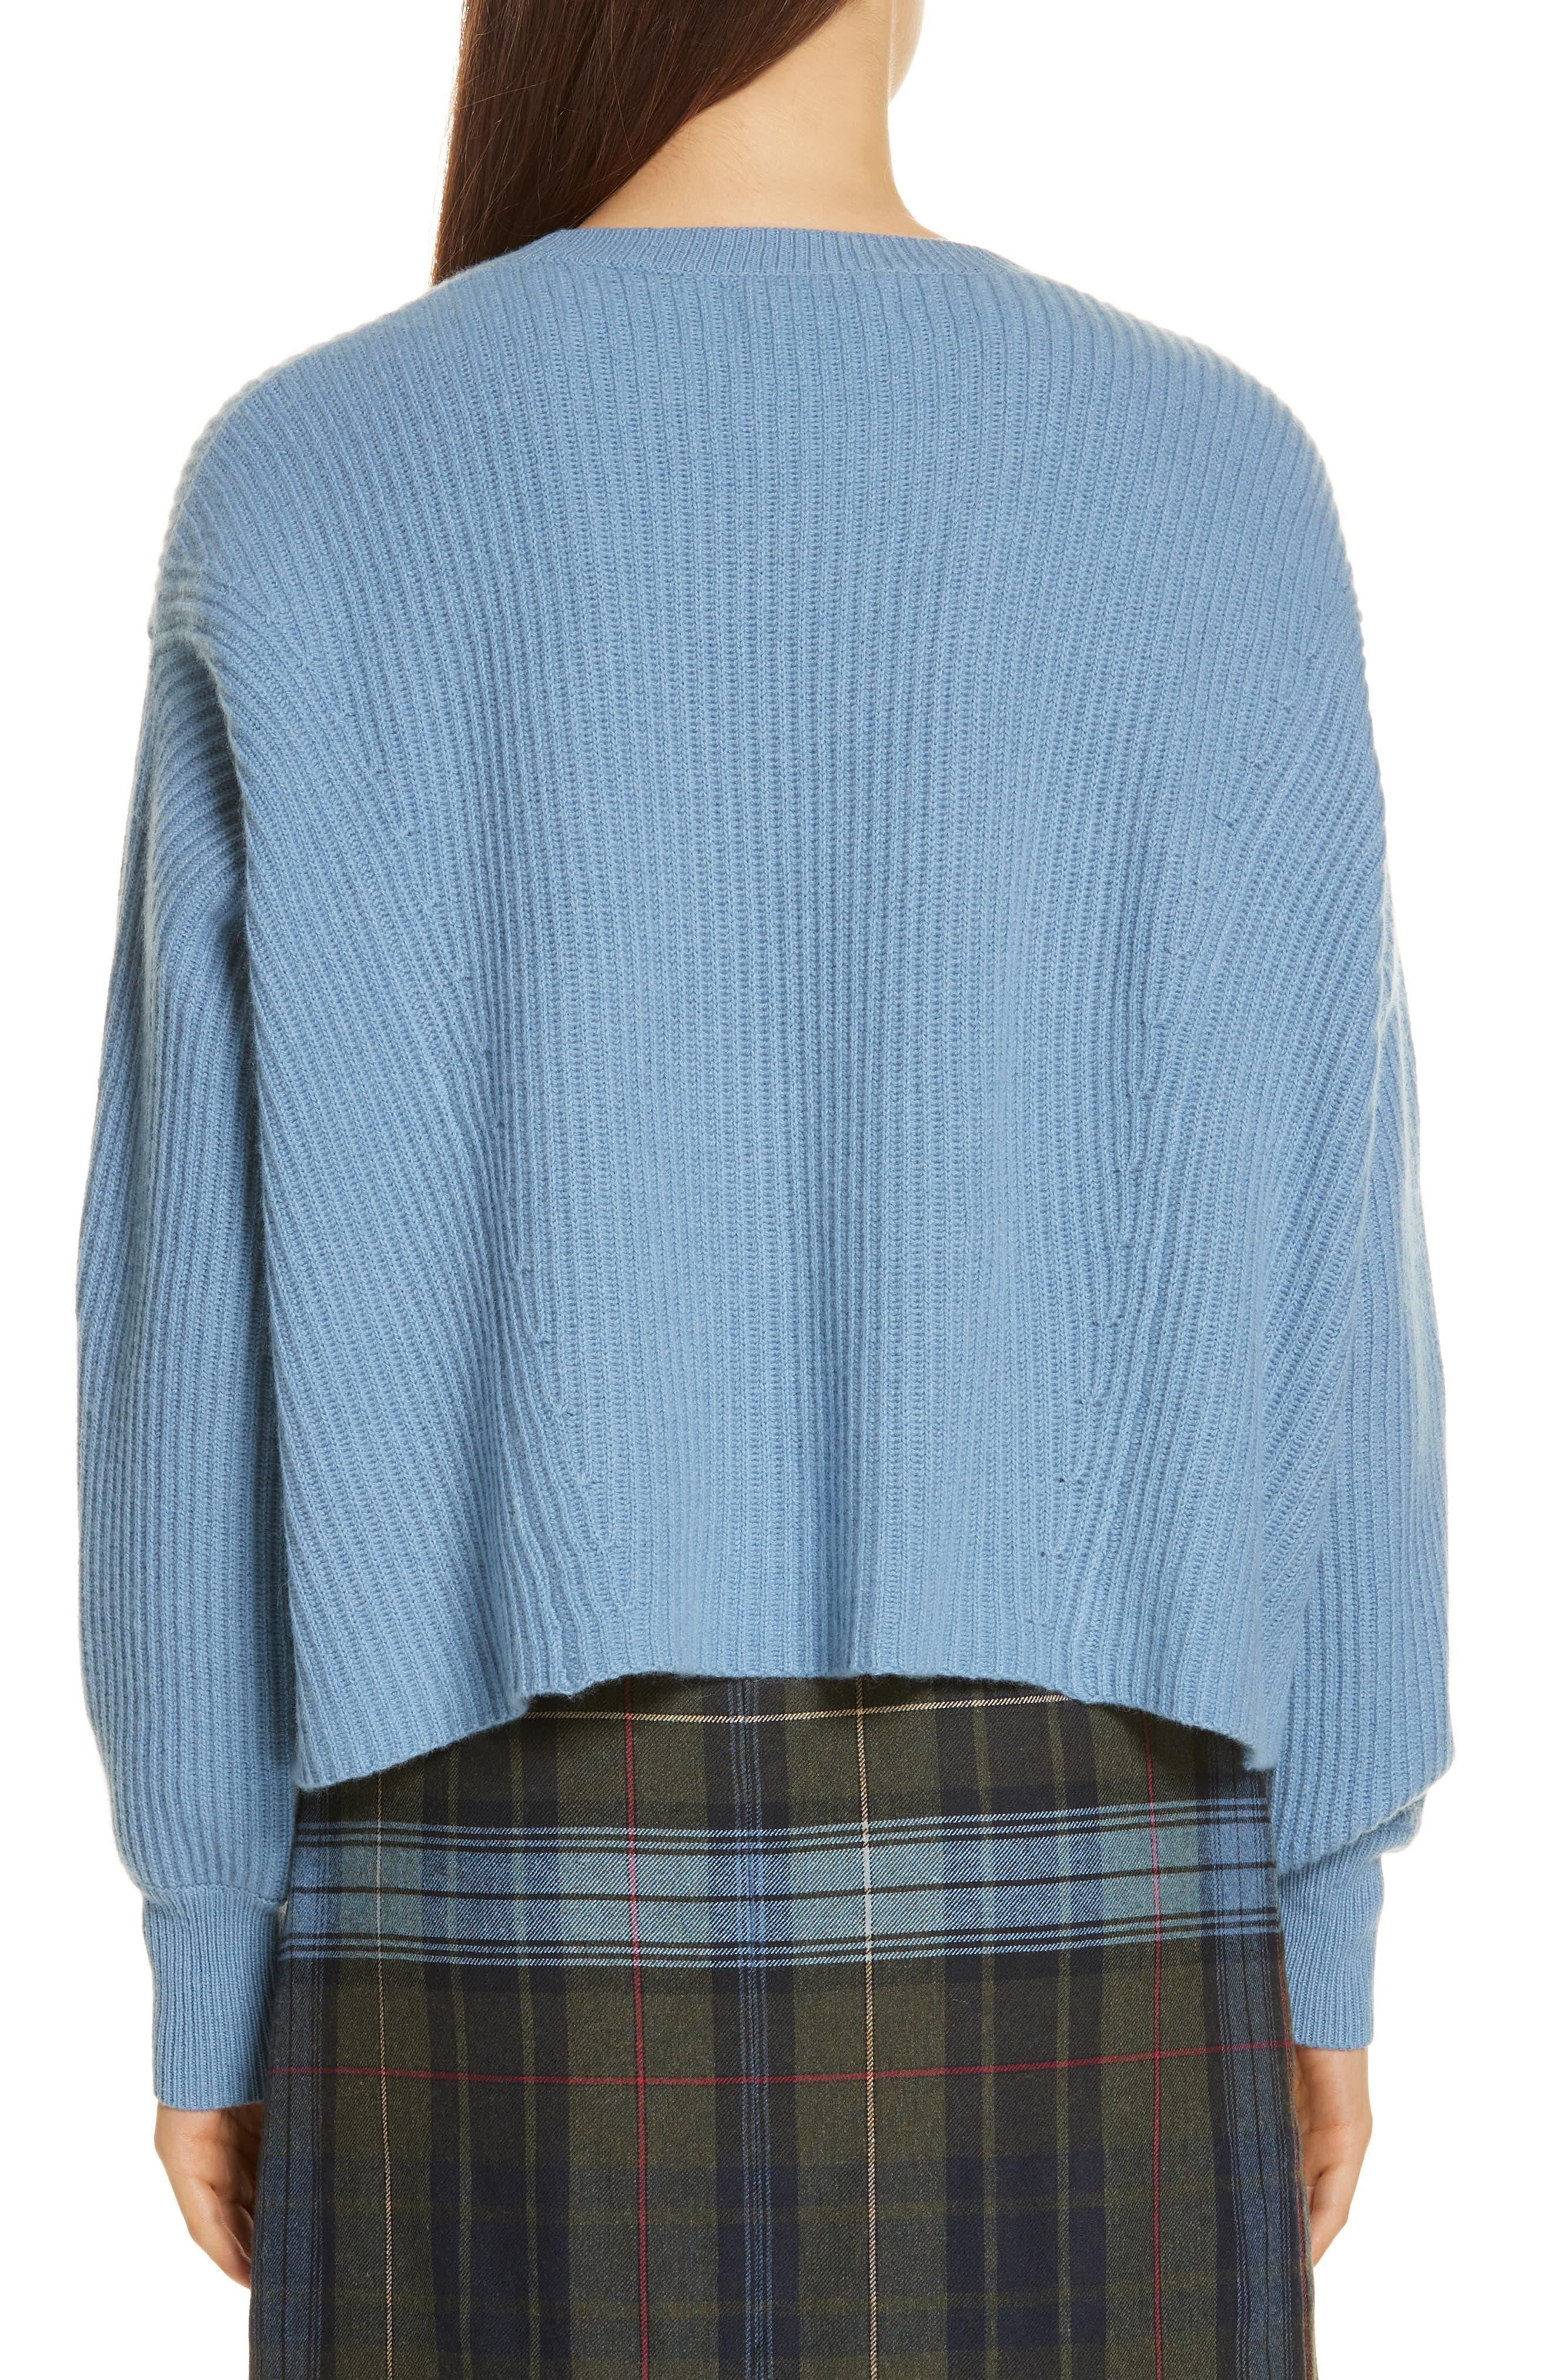 Rib Knit Cashmere Sweater,                             Alternate thumbnail 2, color,                             420